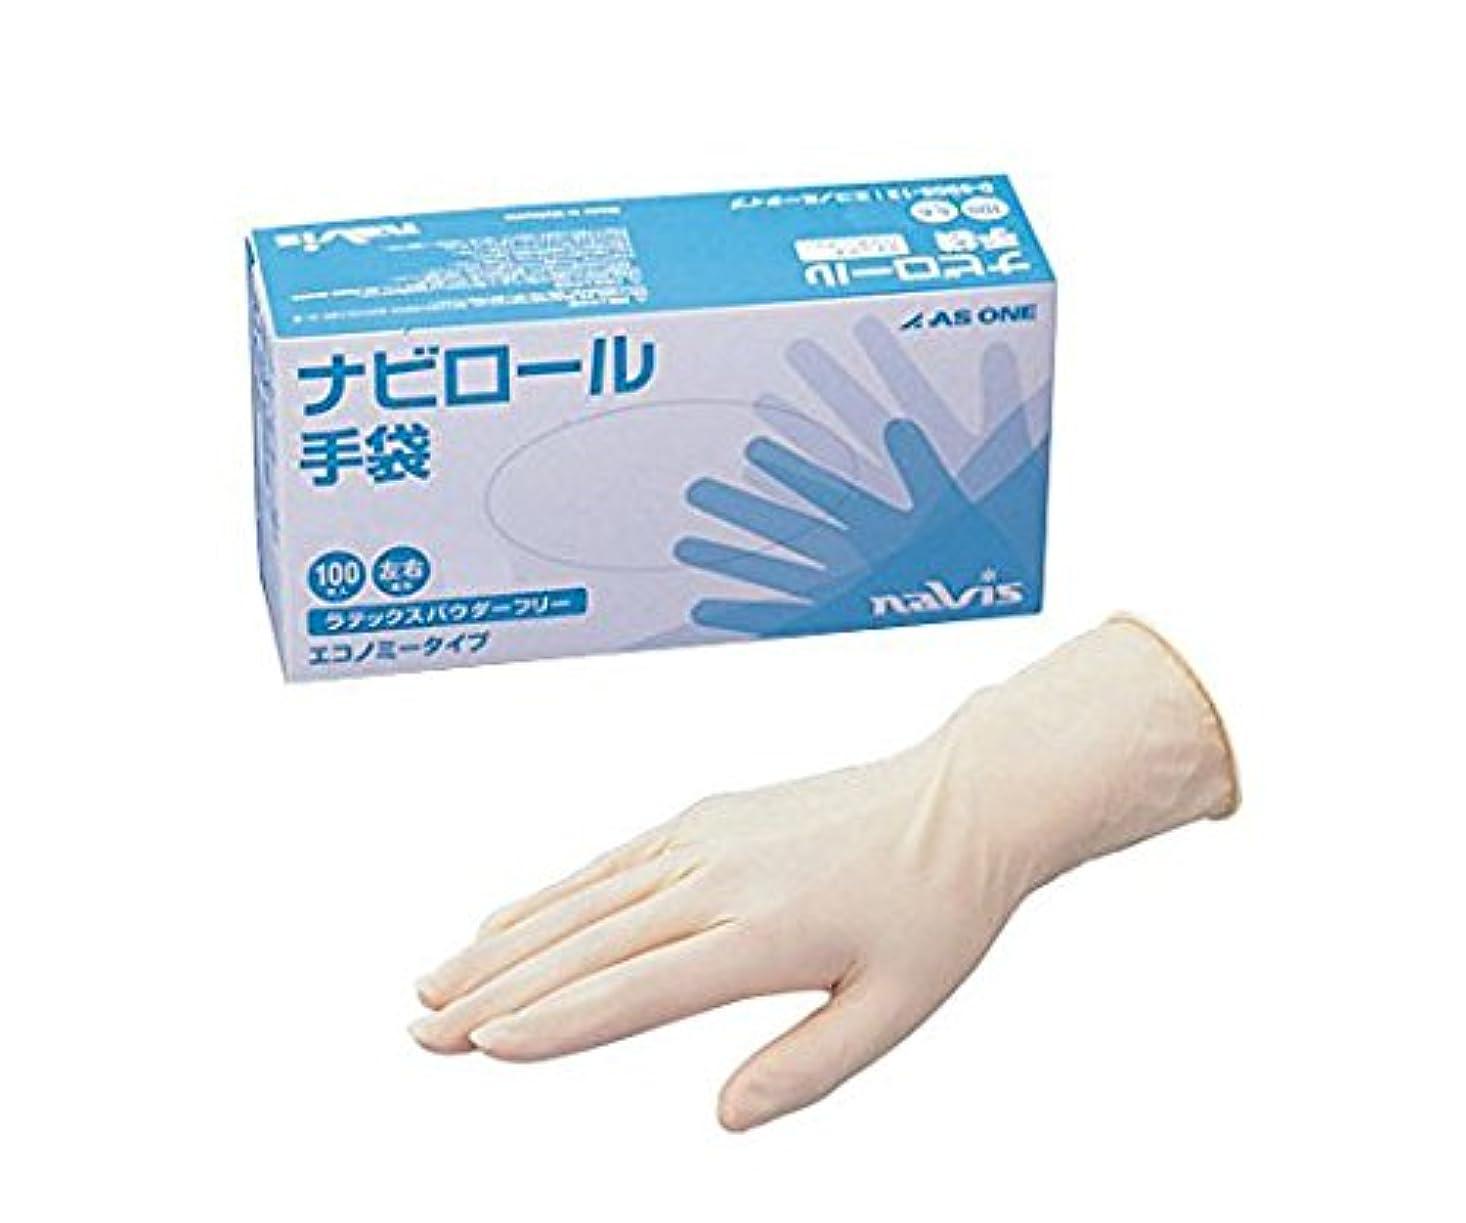 自動化モードリン回答アズワン0-5905-22ナビロール手袋(エコノミータイプ?パウダーフリー)M100枚入